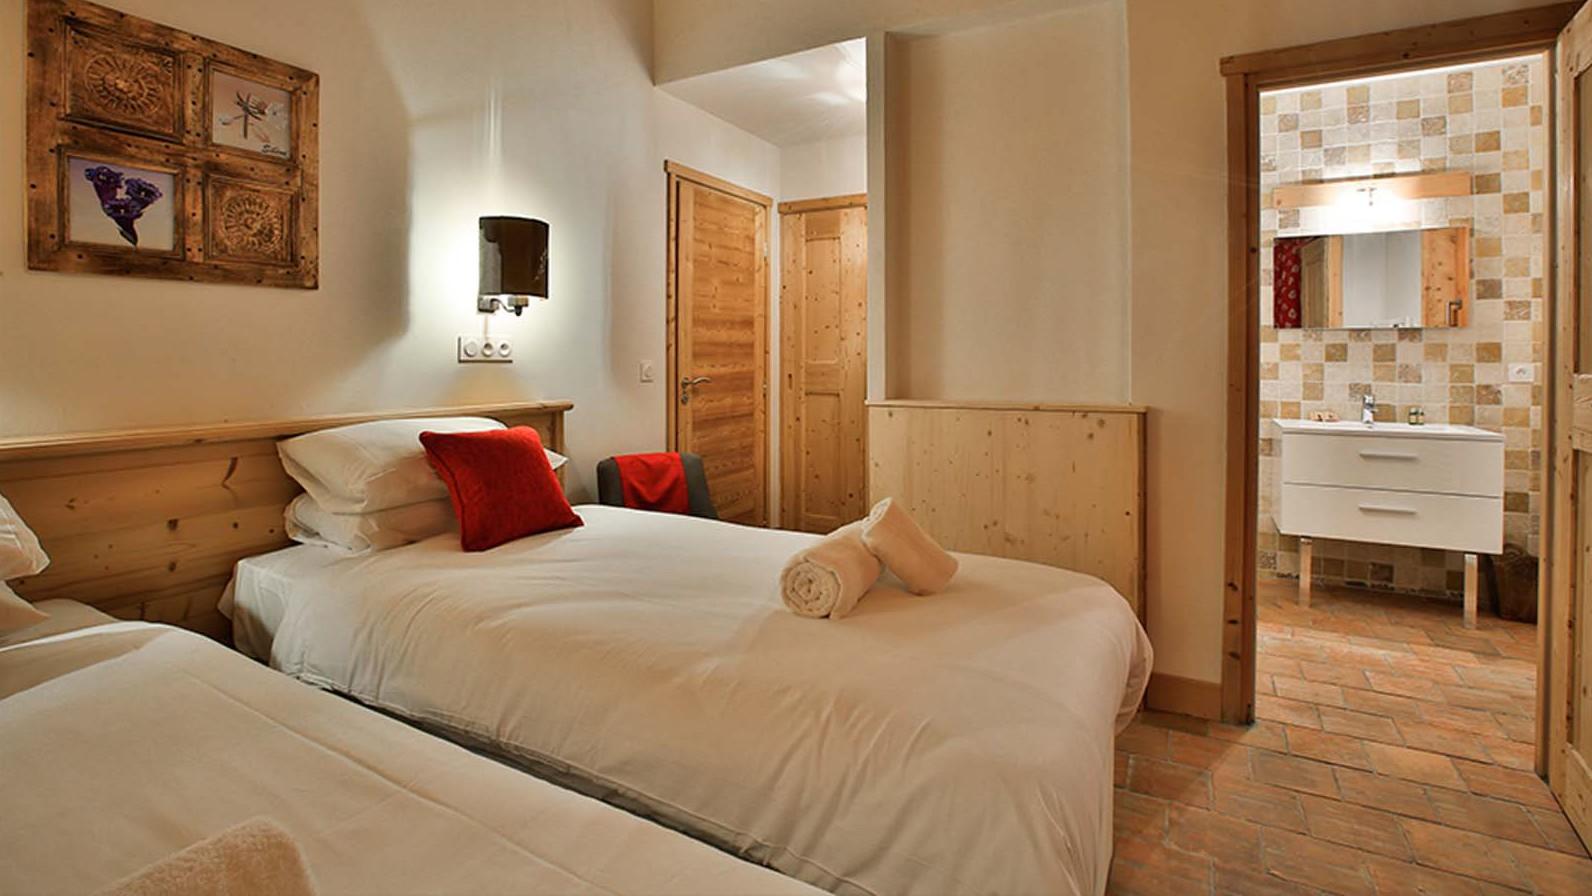 Bedroom twin, Chalet Silene, La Plagne, France